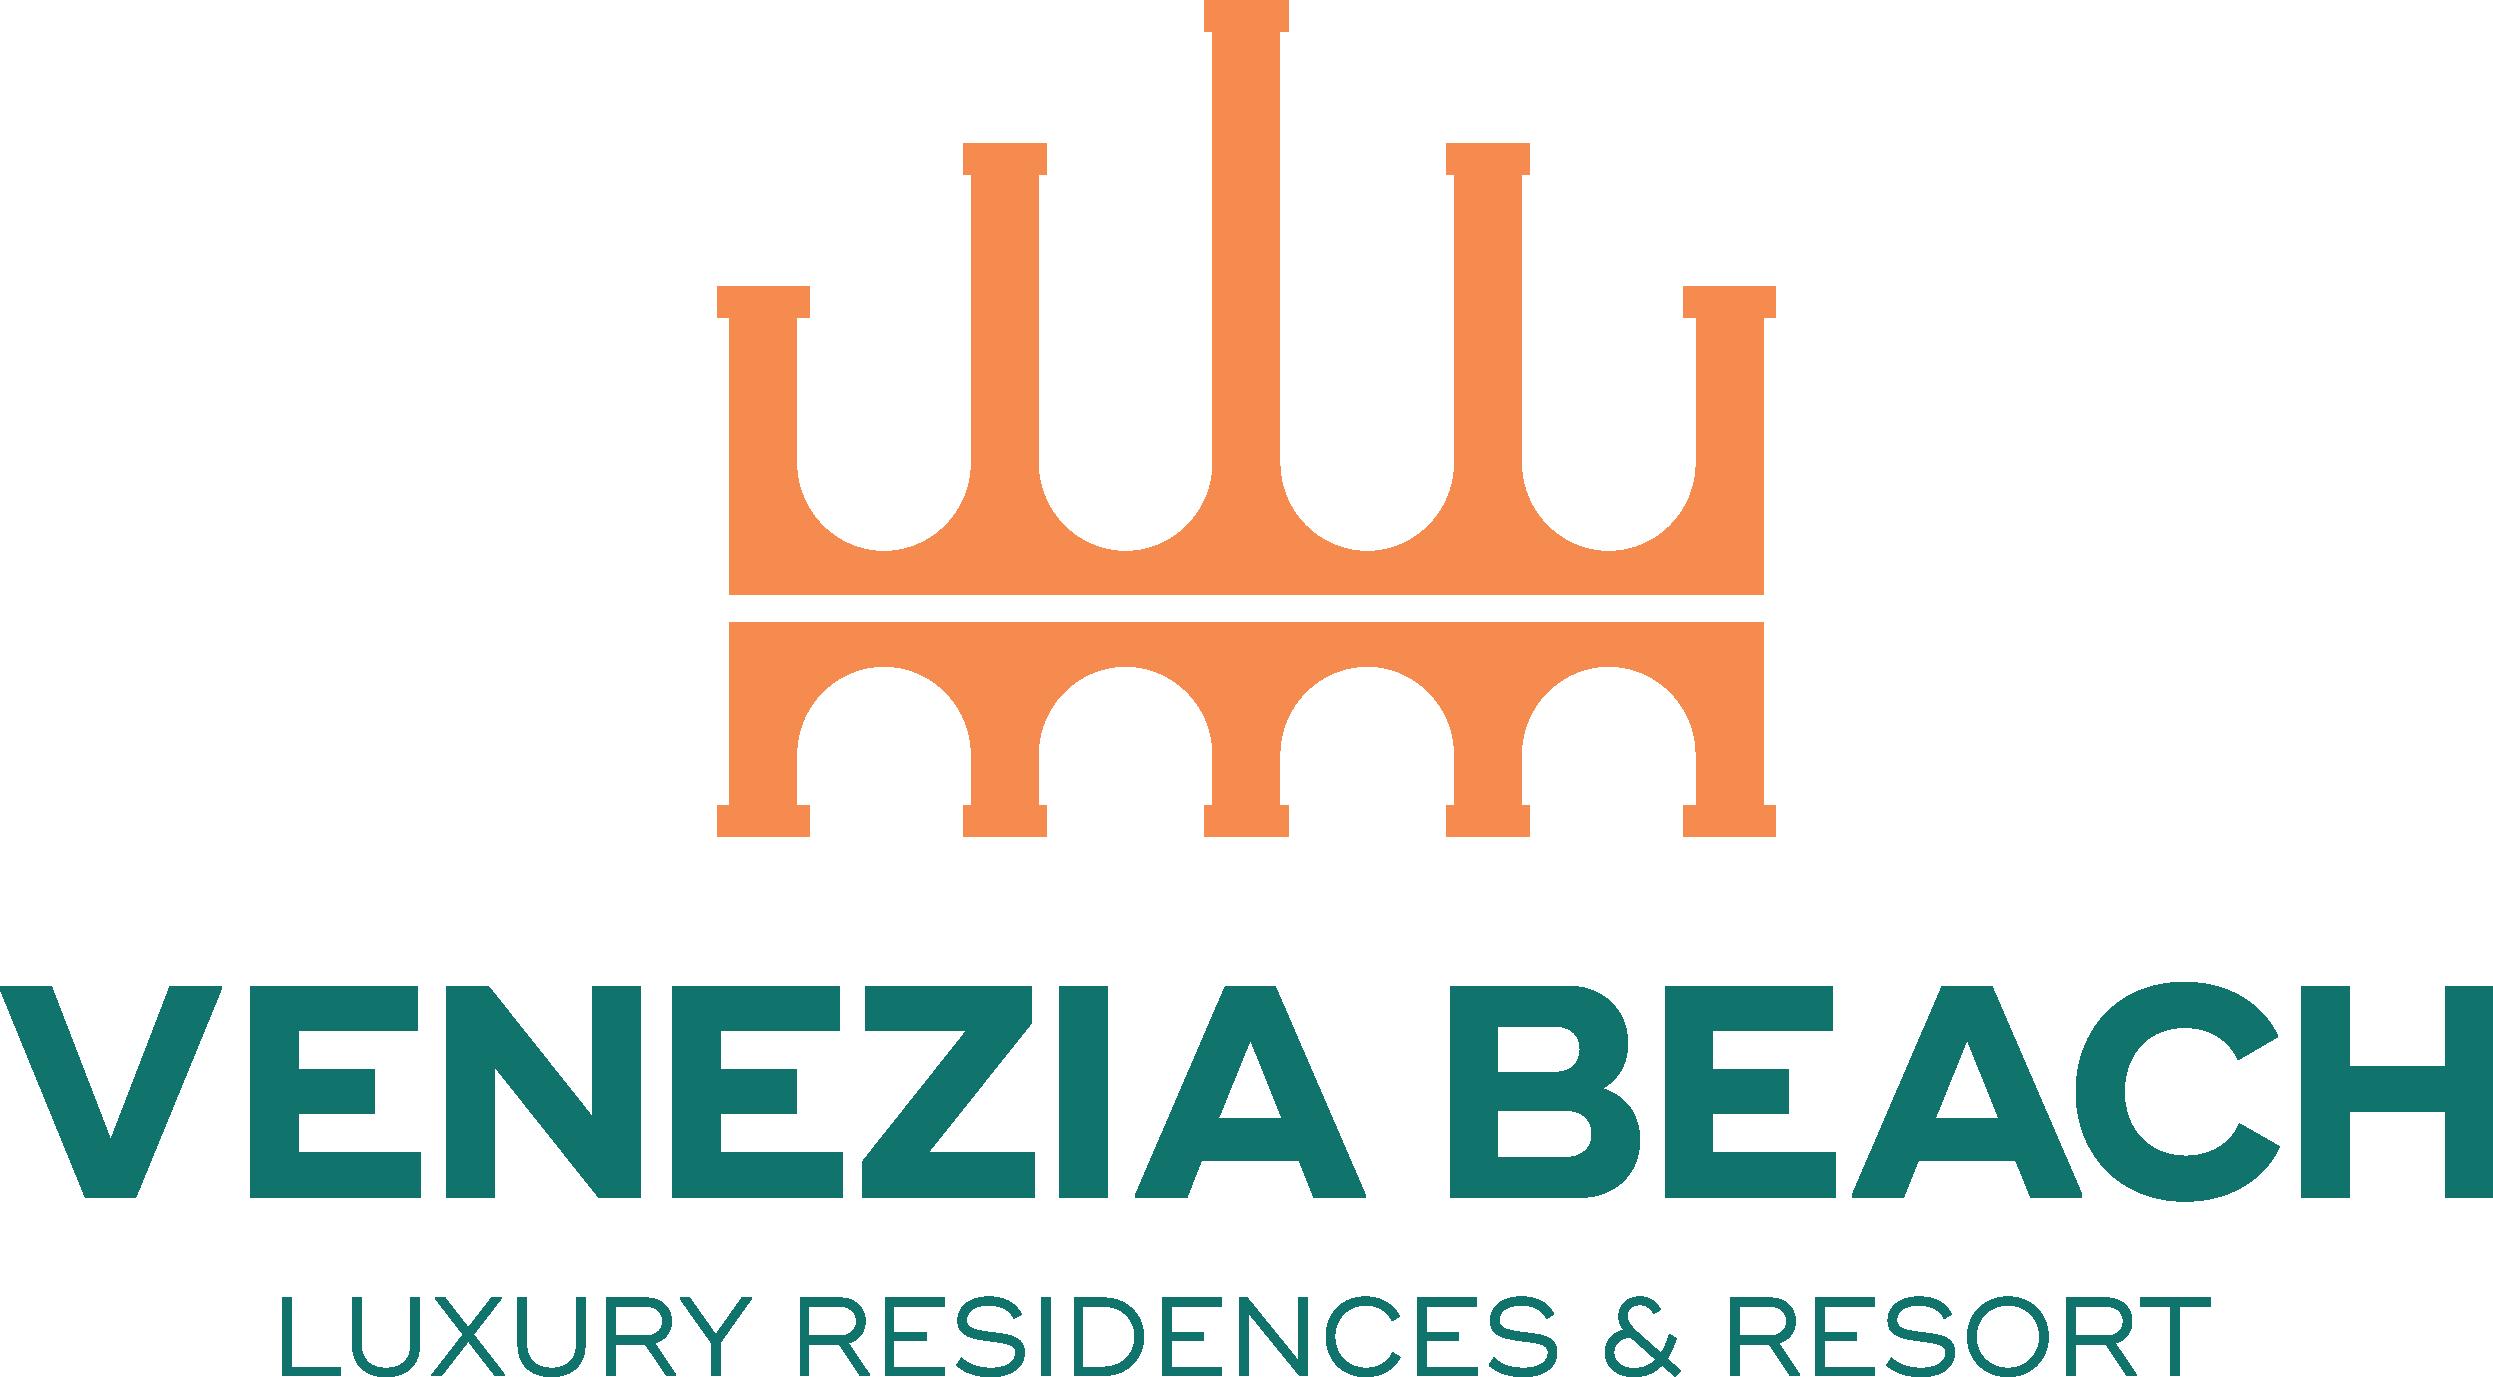 Venezia Beach là dự án được bắt tay xây dựng và phát triển bởi chủ đầu tư Danh Việt Group và Hưng Vượng Developer